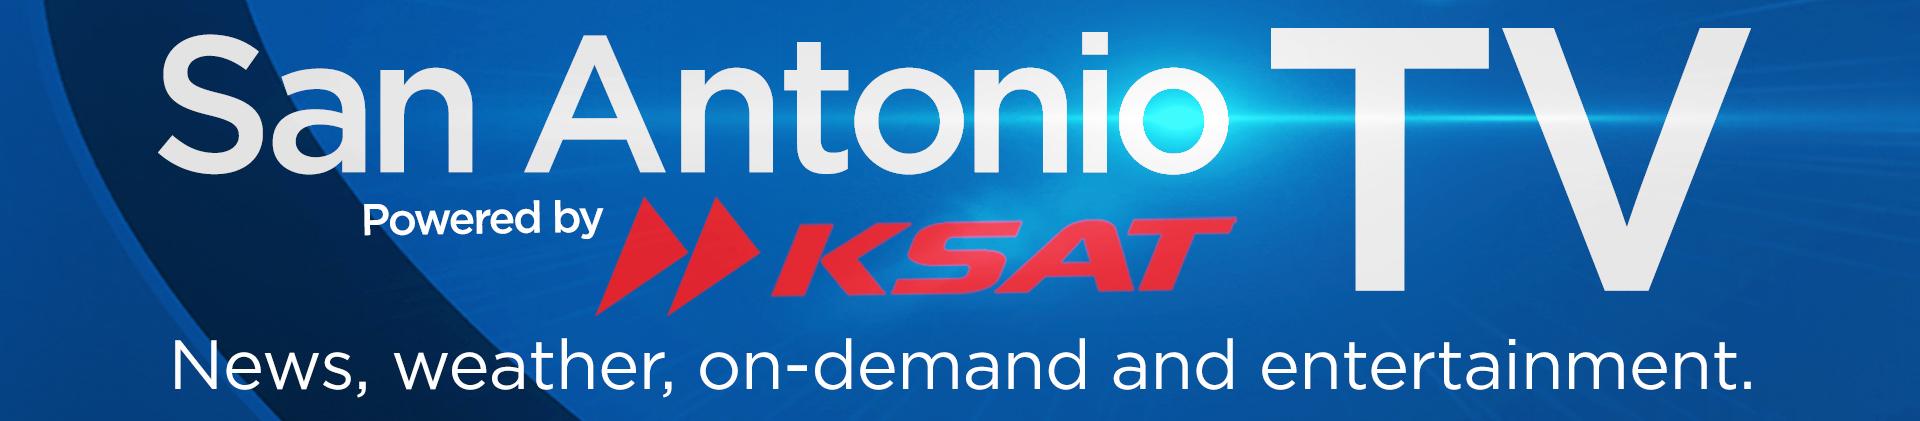 San Antonio TV